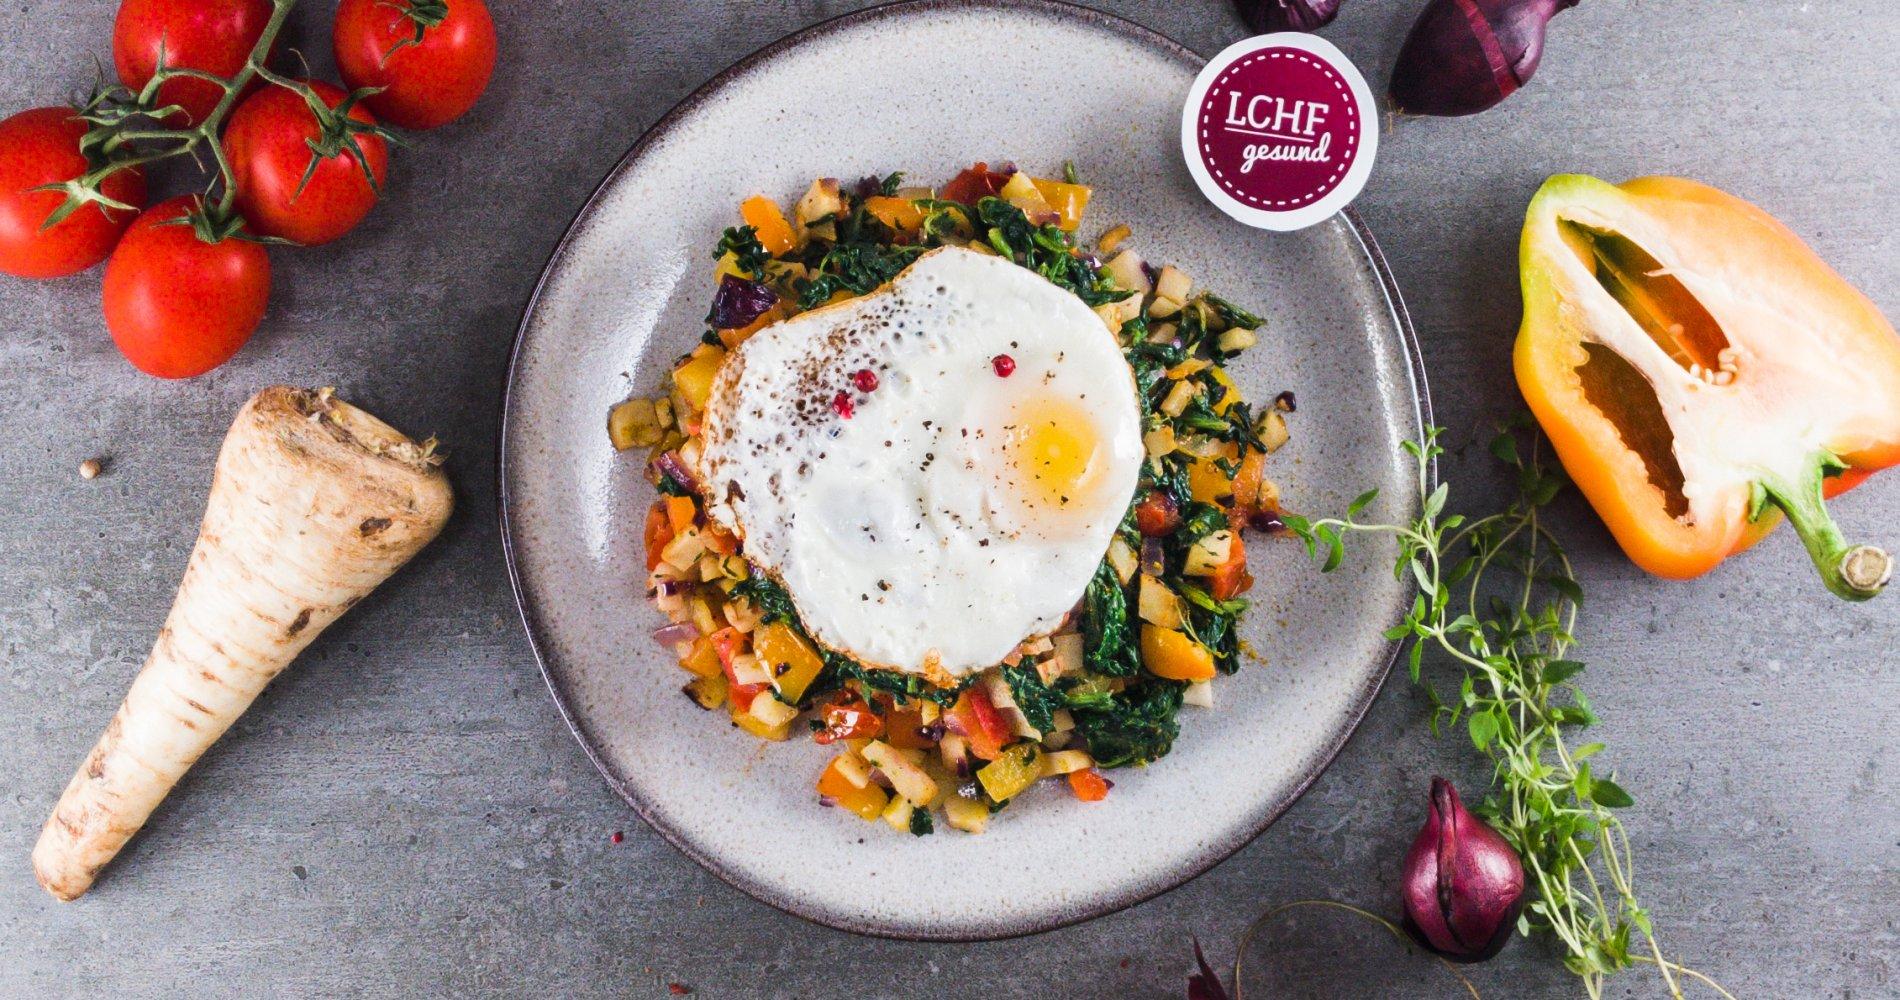 Rezept Low Carb: Frühstücksgemüse aus der Pfanne - LCHF-gesund.de